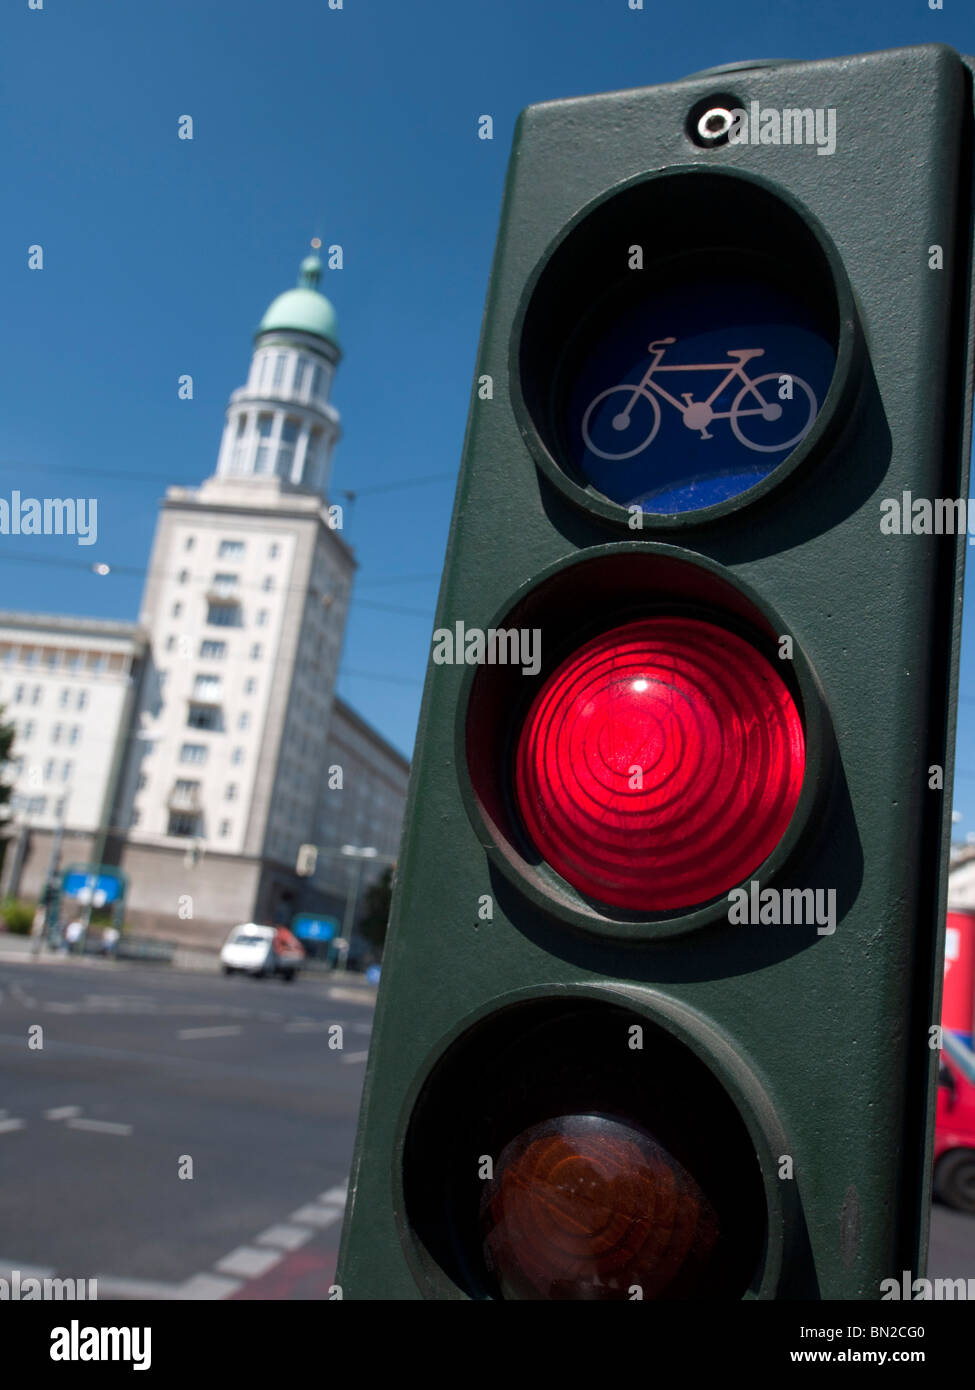 Semáforo de bicicletas en Frankfurter Tor en Karl Marx Allee en el antiguo Berlín oriental en Alemania Imagen De Stock